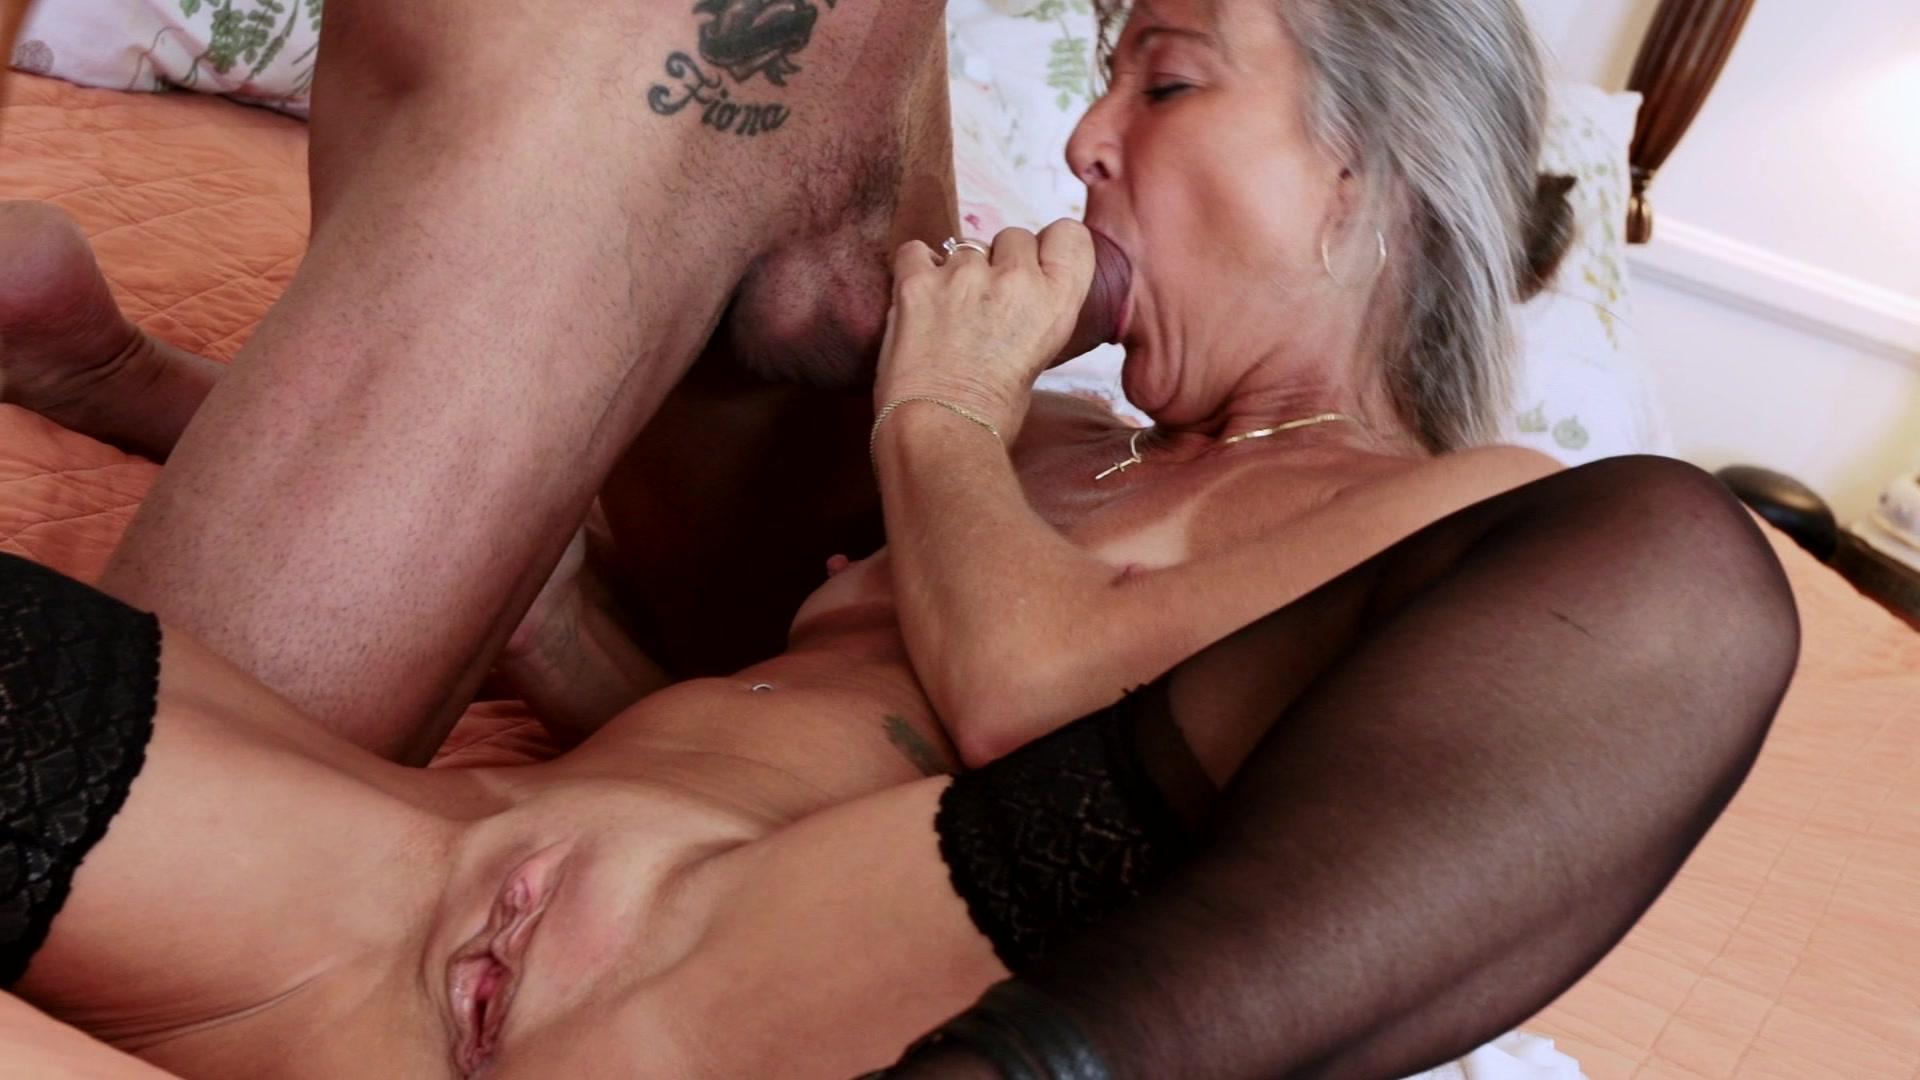 New granny porn videos